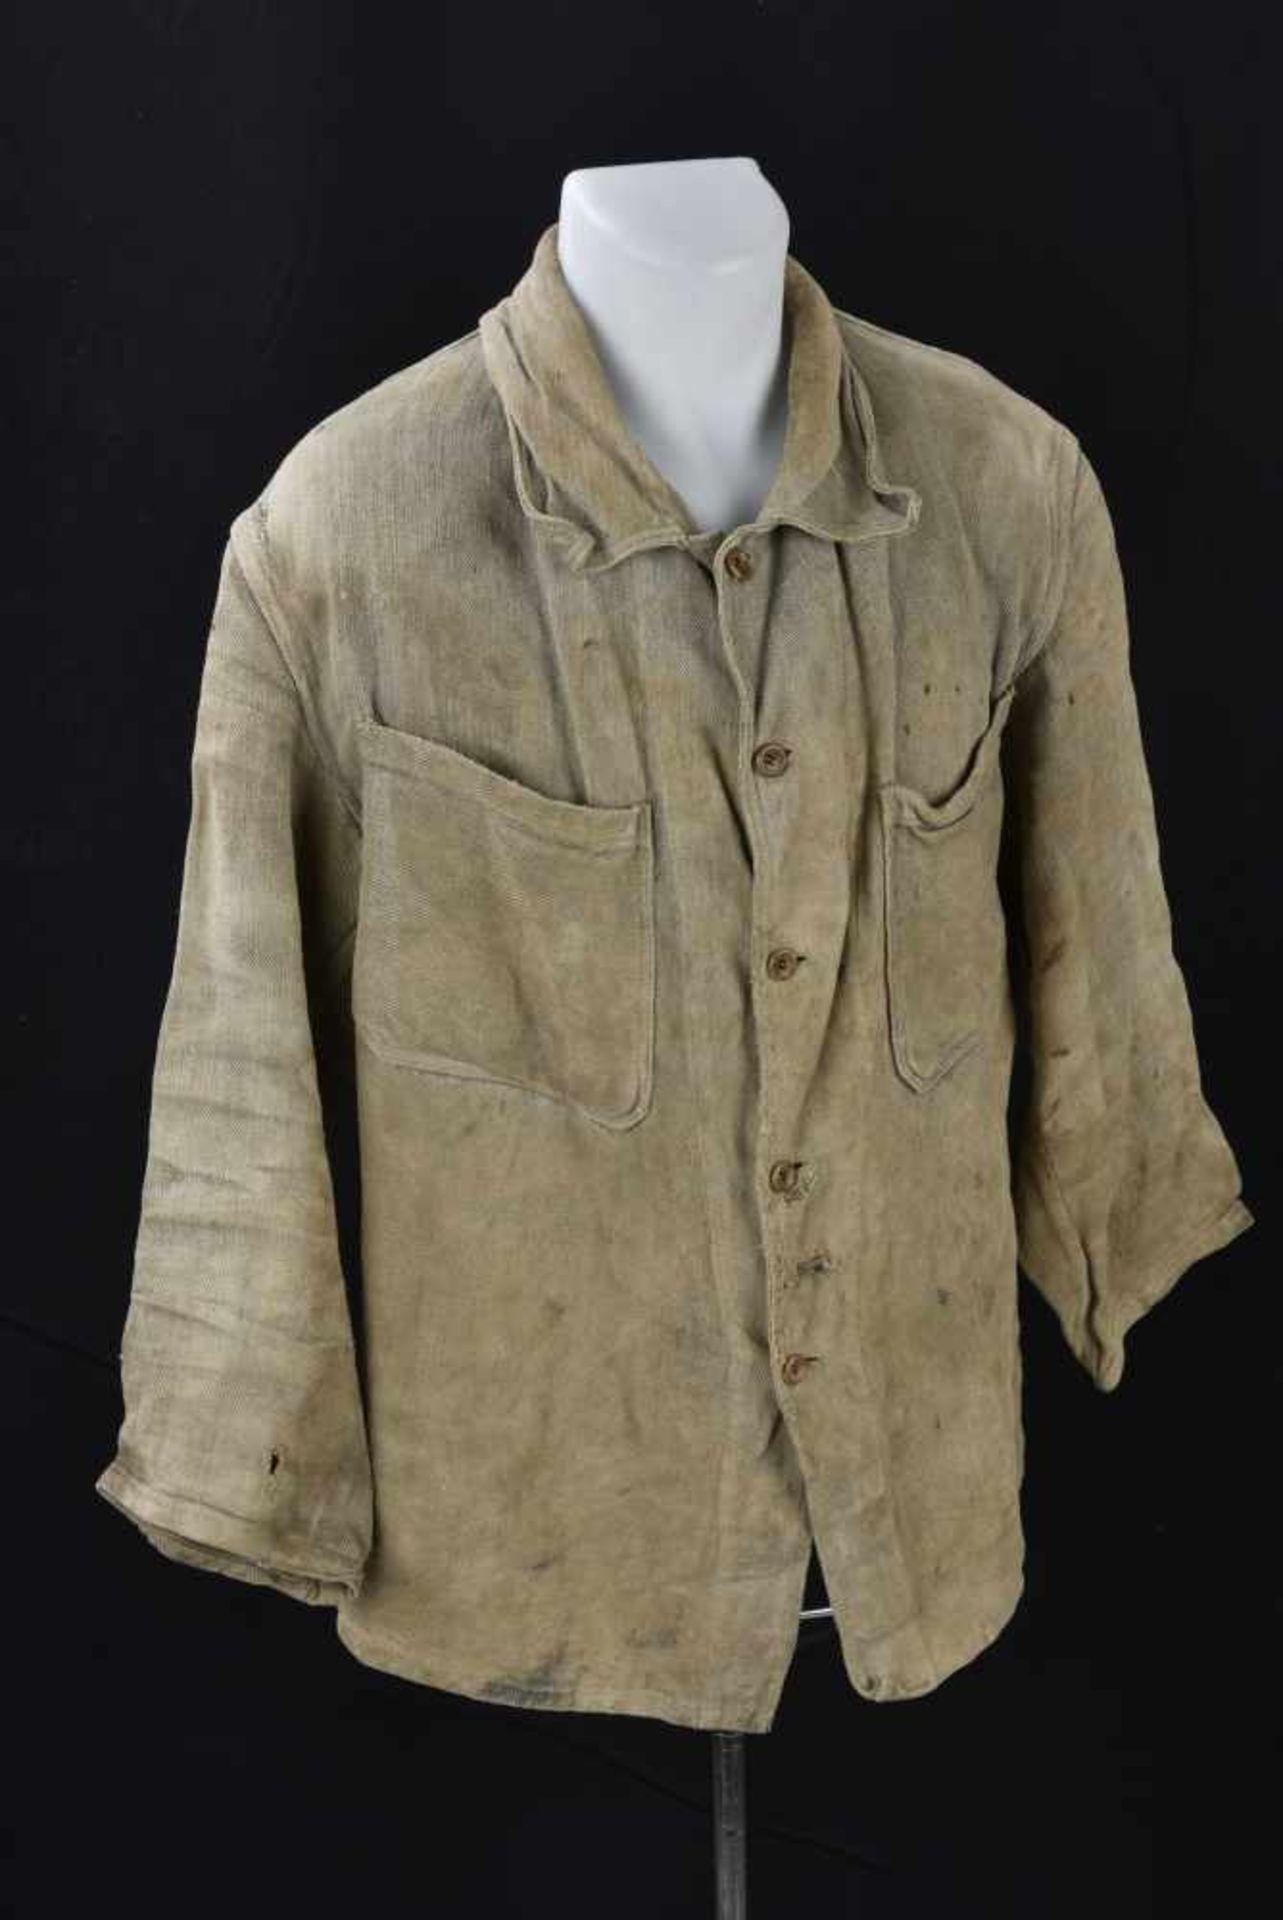 Veste de corvée en grosse toile. Datée 1938. Work jacket, in canvas. Dated 1938. Cette pièce - Bild 4 aus 4